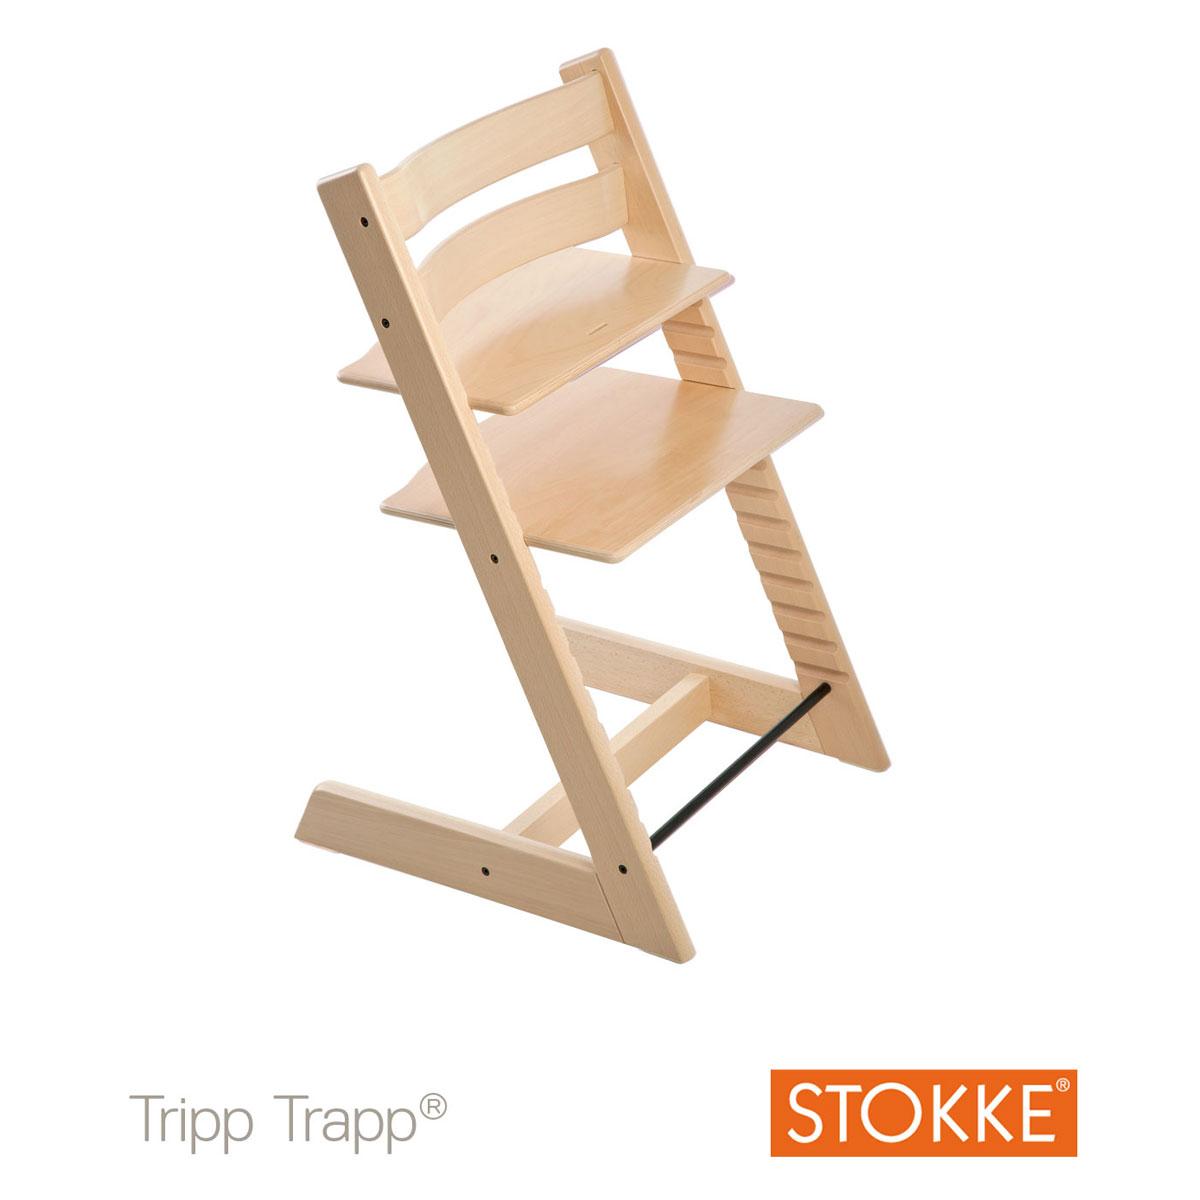 chaise haute tripp trapp stokke